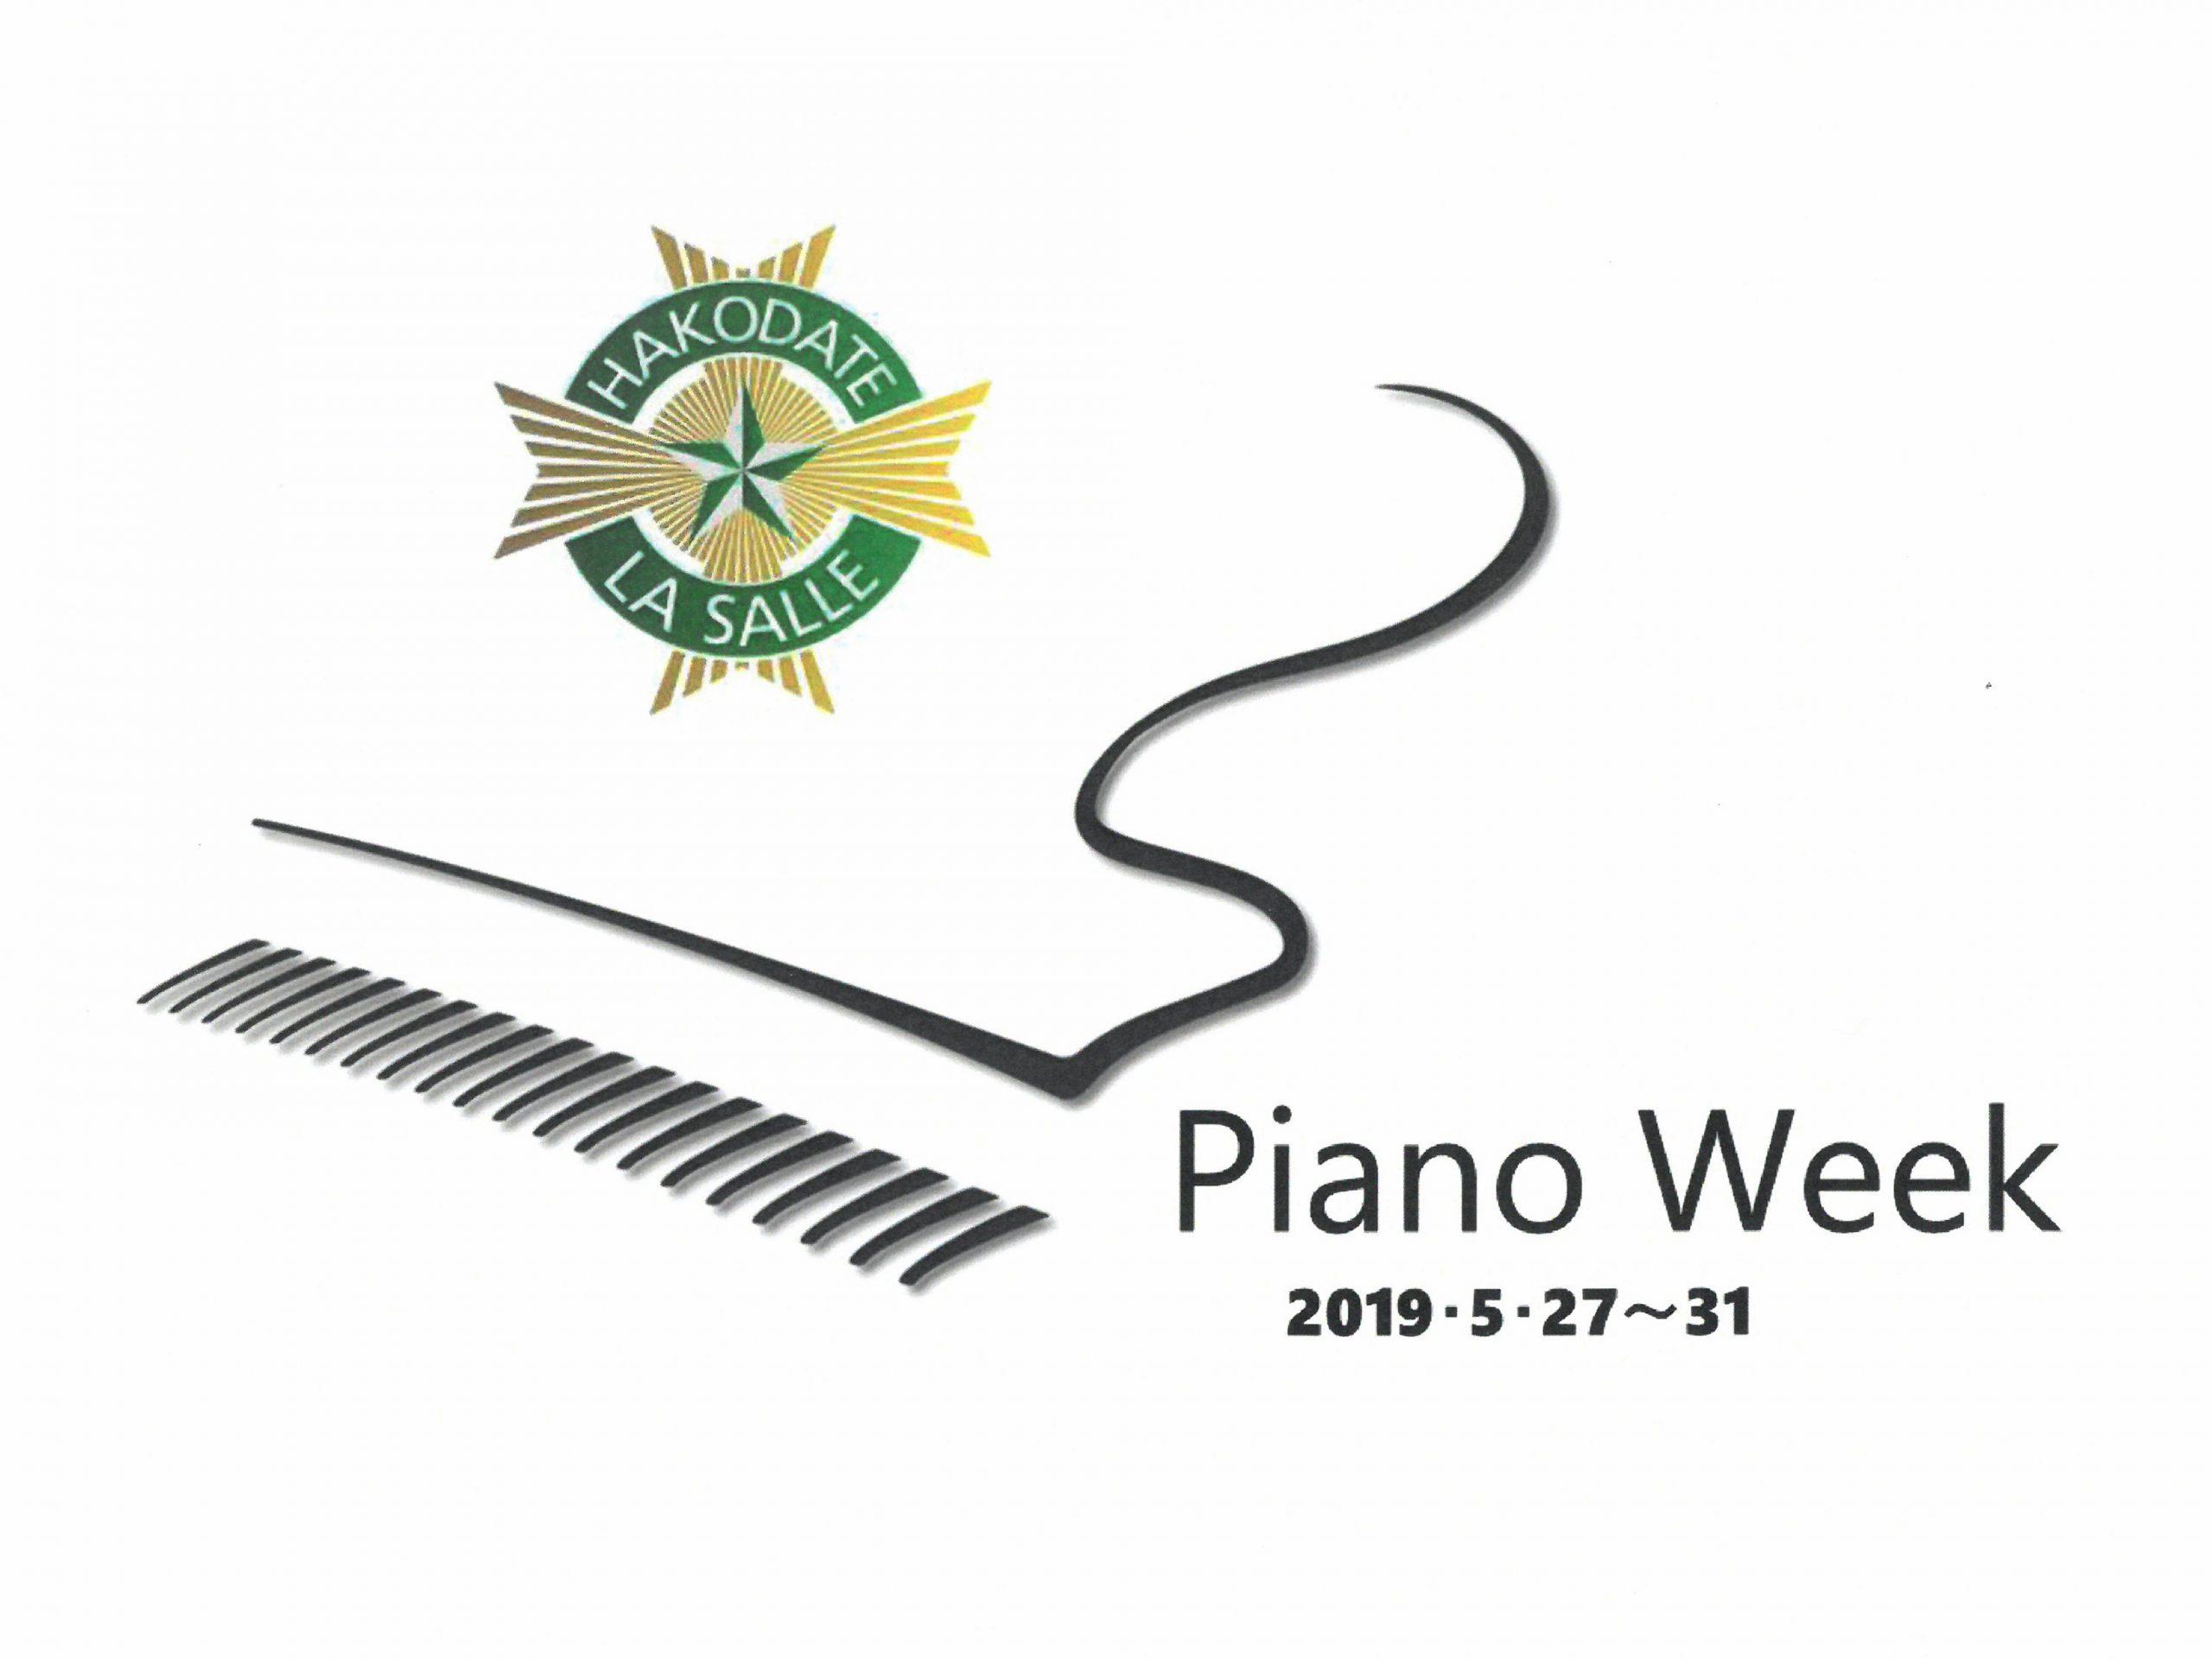 ピアノウィーク2019